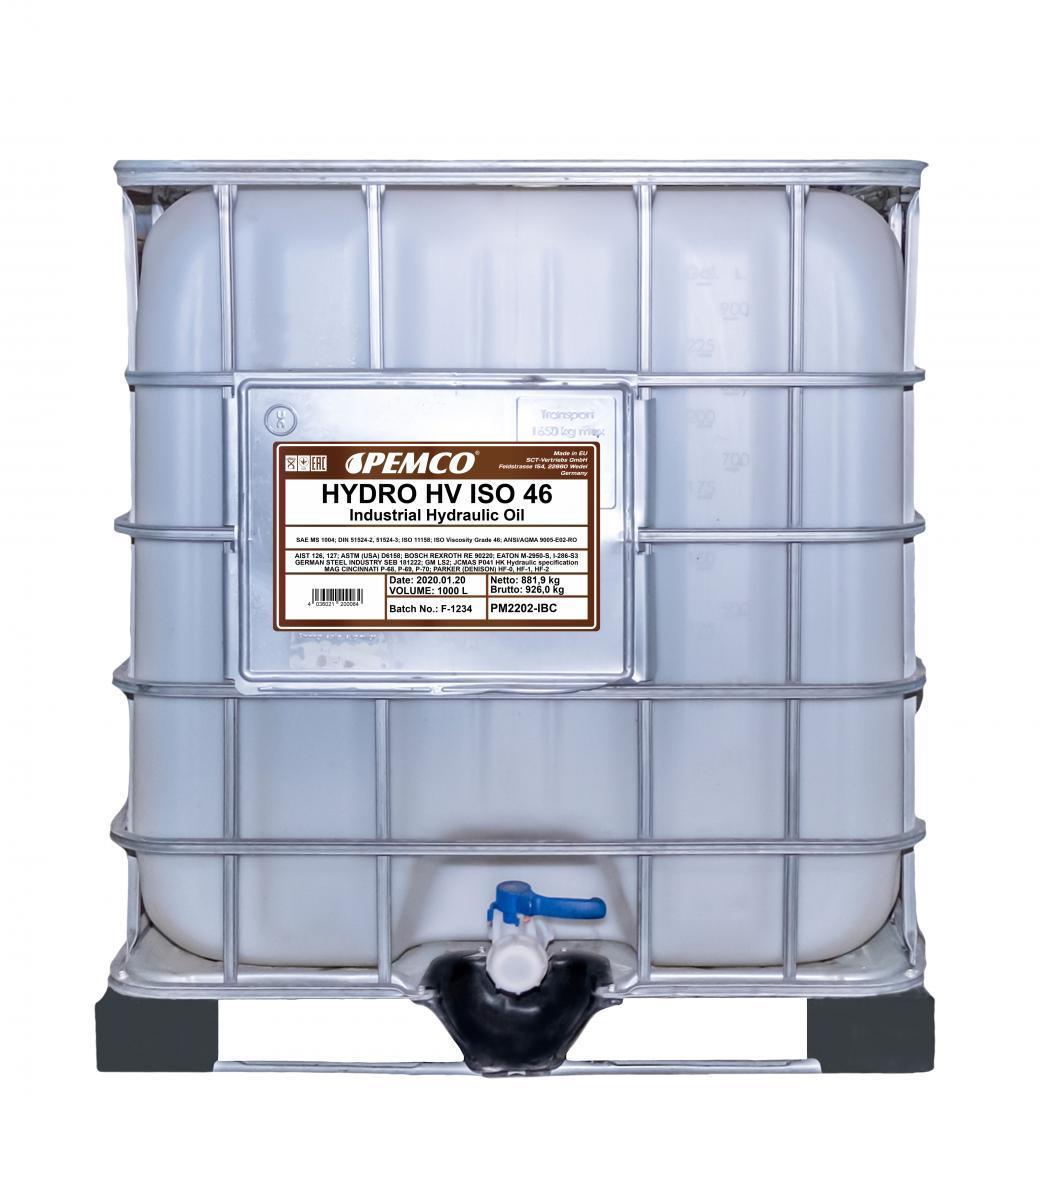 LKW Hydrauliköl PEMCO PM2202-IBC kaufen